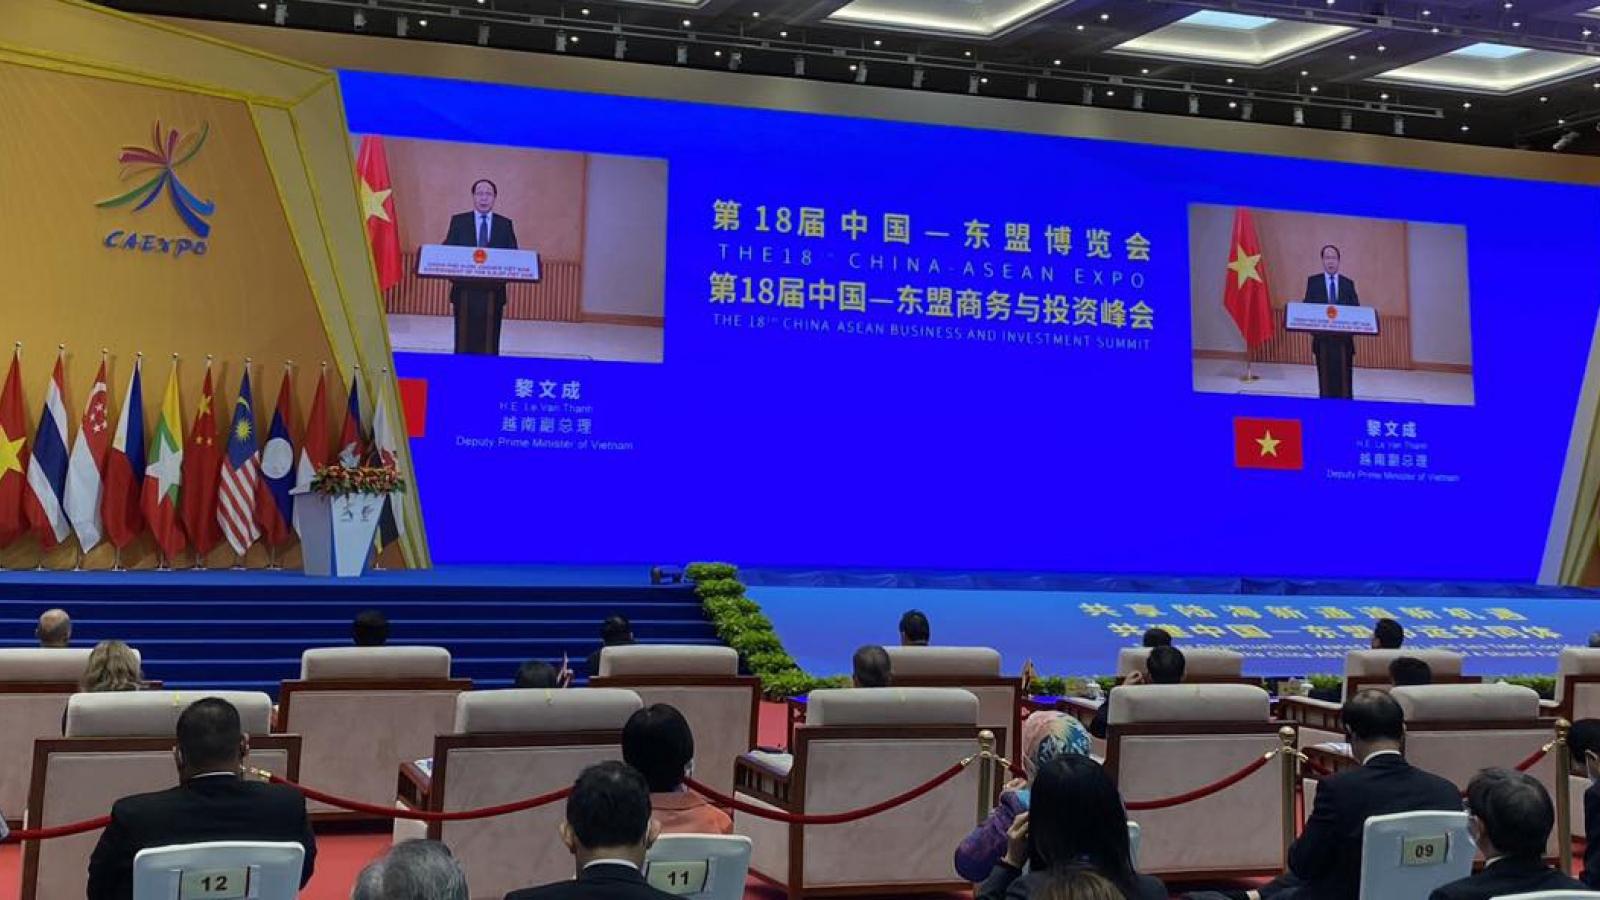 Phó Thủ tướng Lê Văn Thành dự Hội chợ thương mại ASEAN - Trung Quốc lần thứ 18